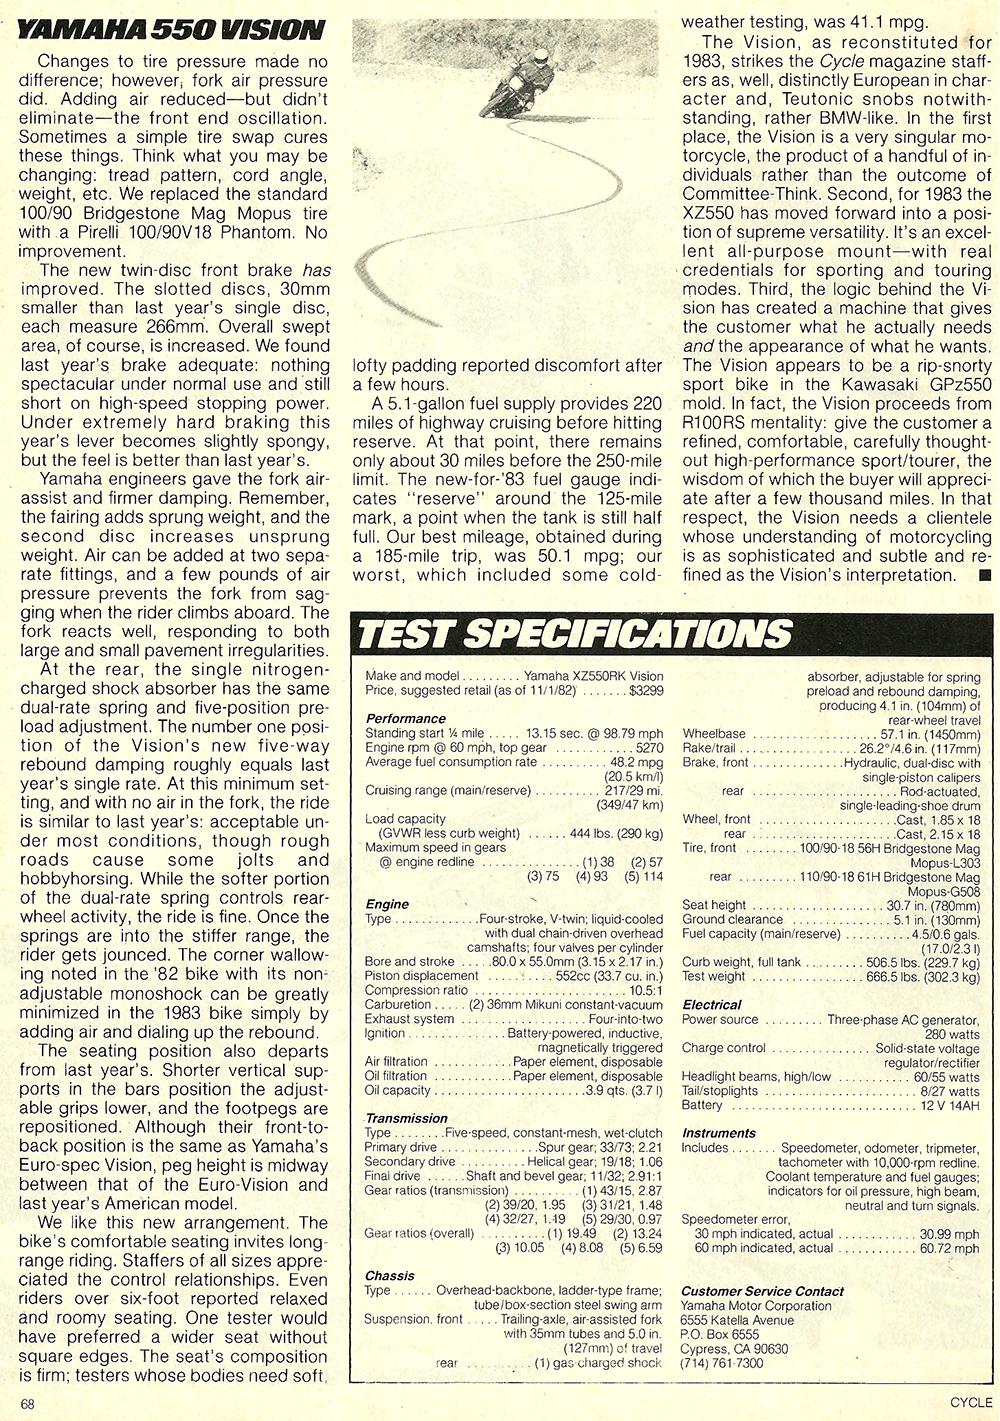 1983 Yamaha XZ550RK Vision road test 7.jpg